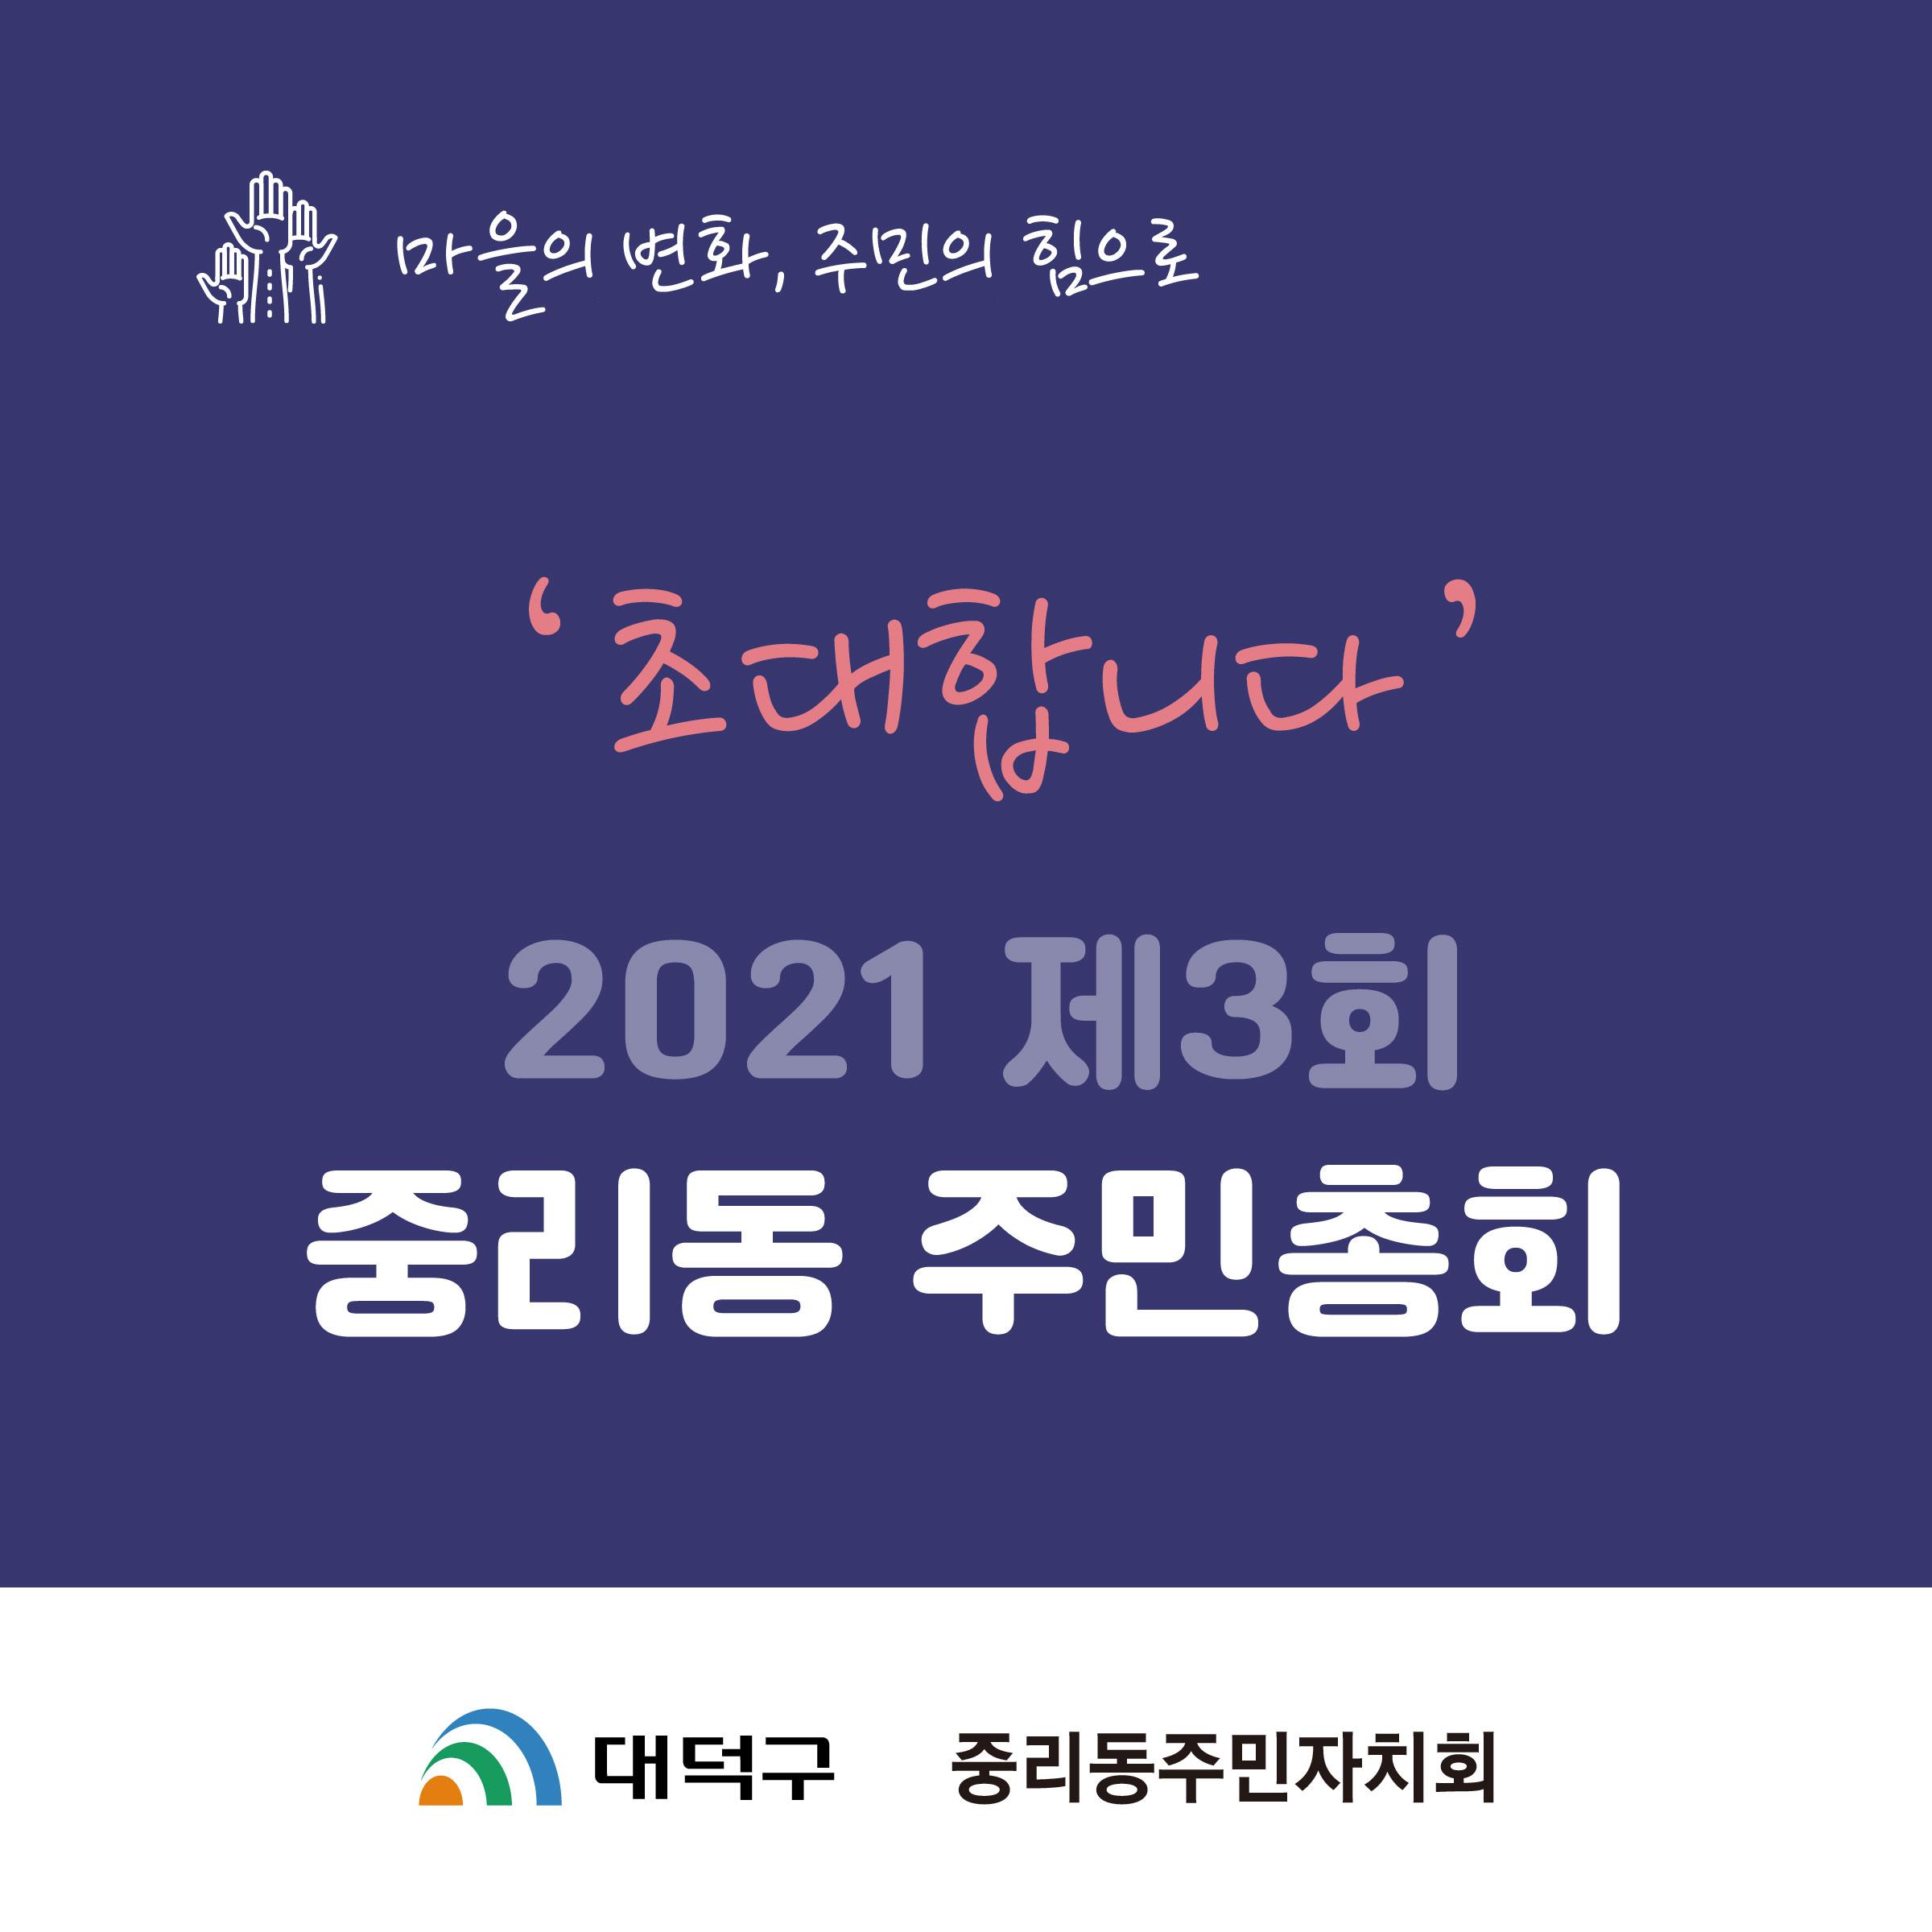 2021년 제3회 중리동주민총회 초대장